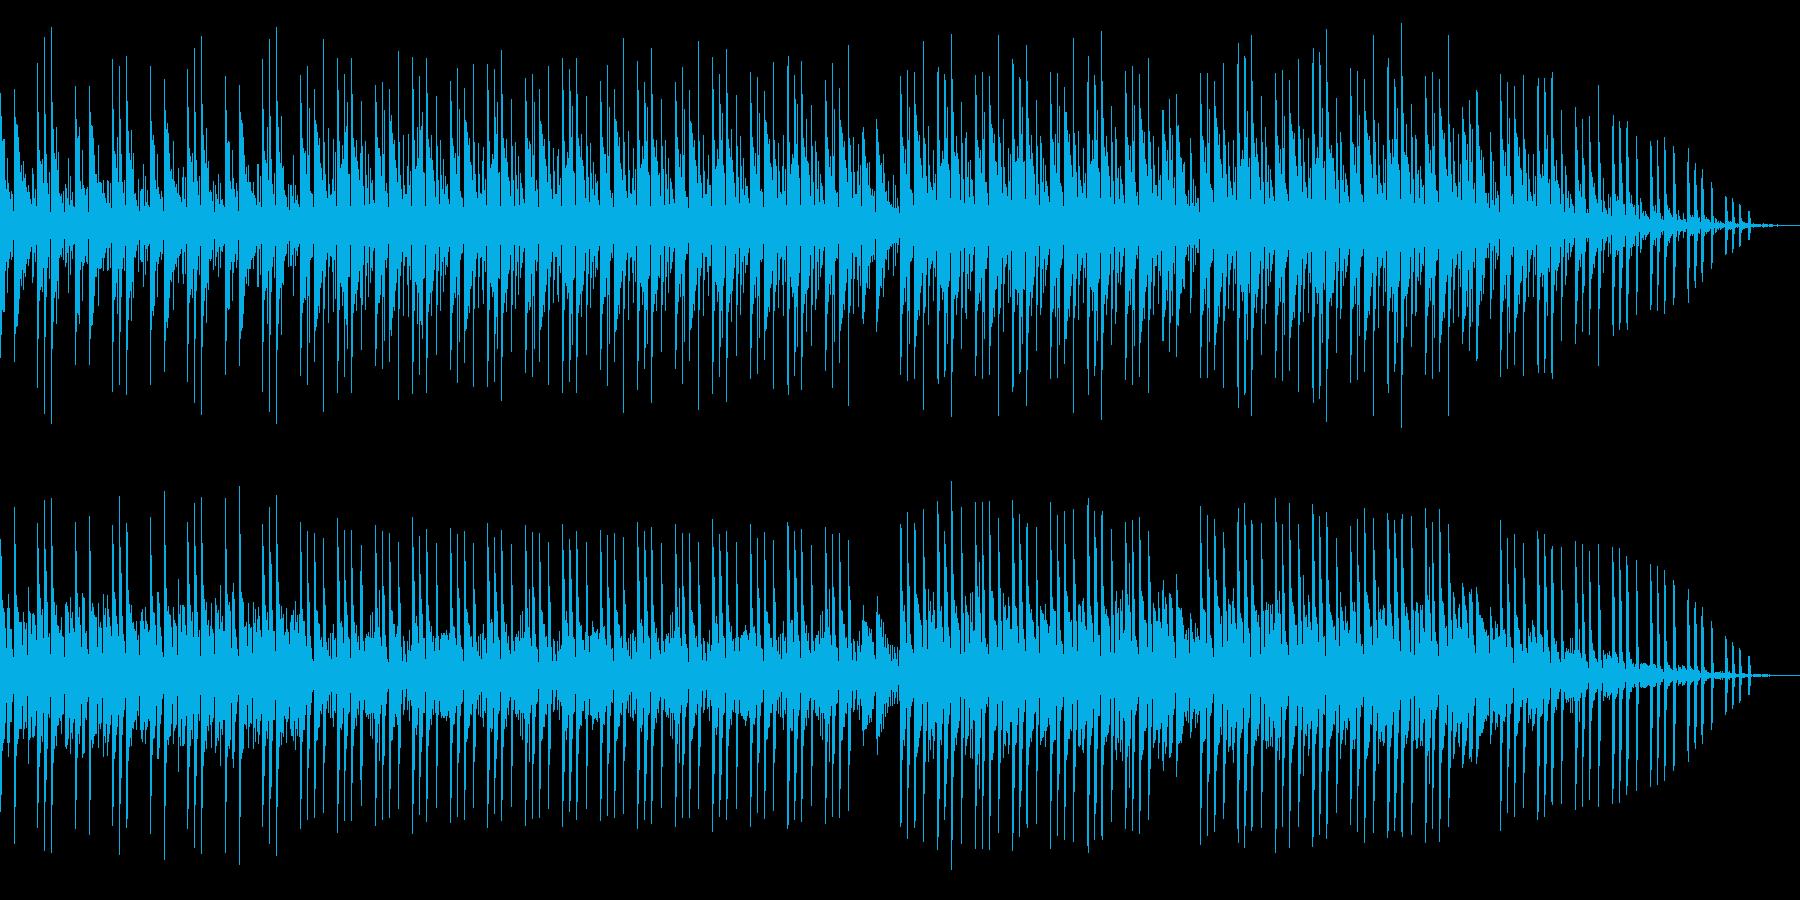 爽やかな印象を与える楽曲の再生済みの波形